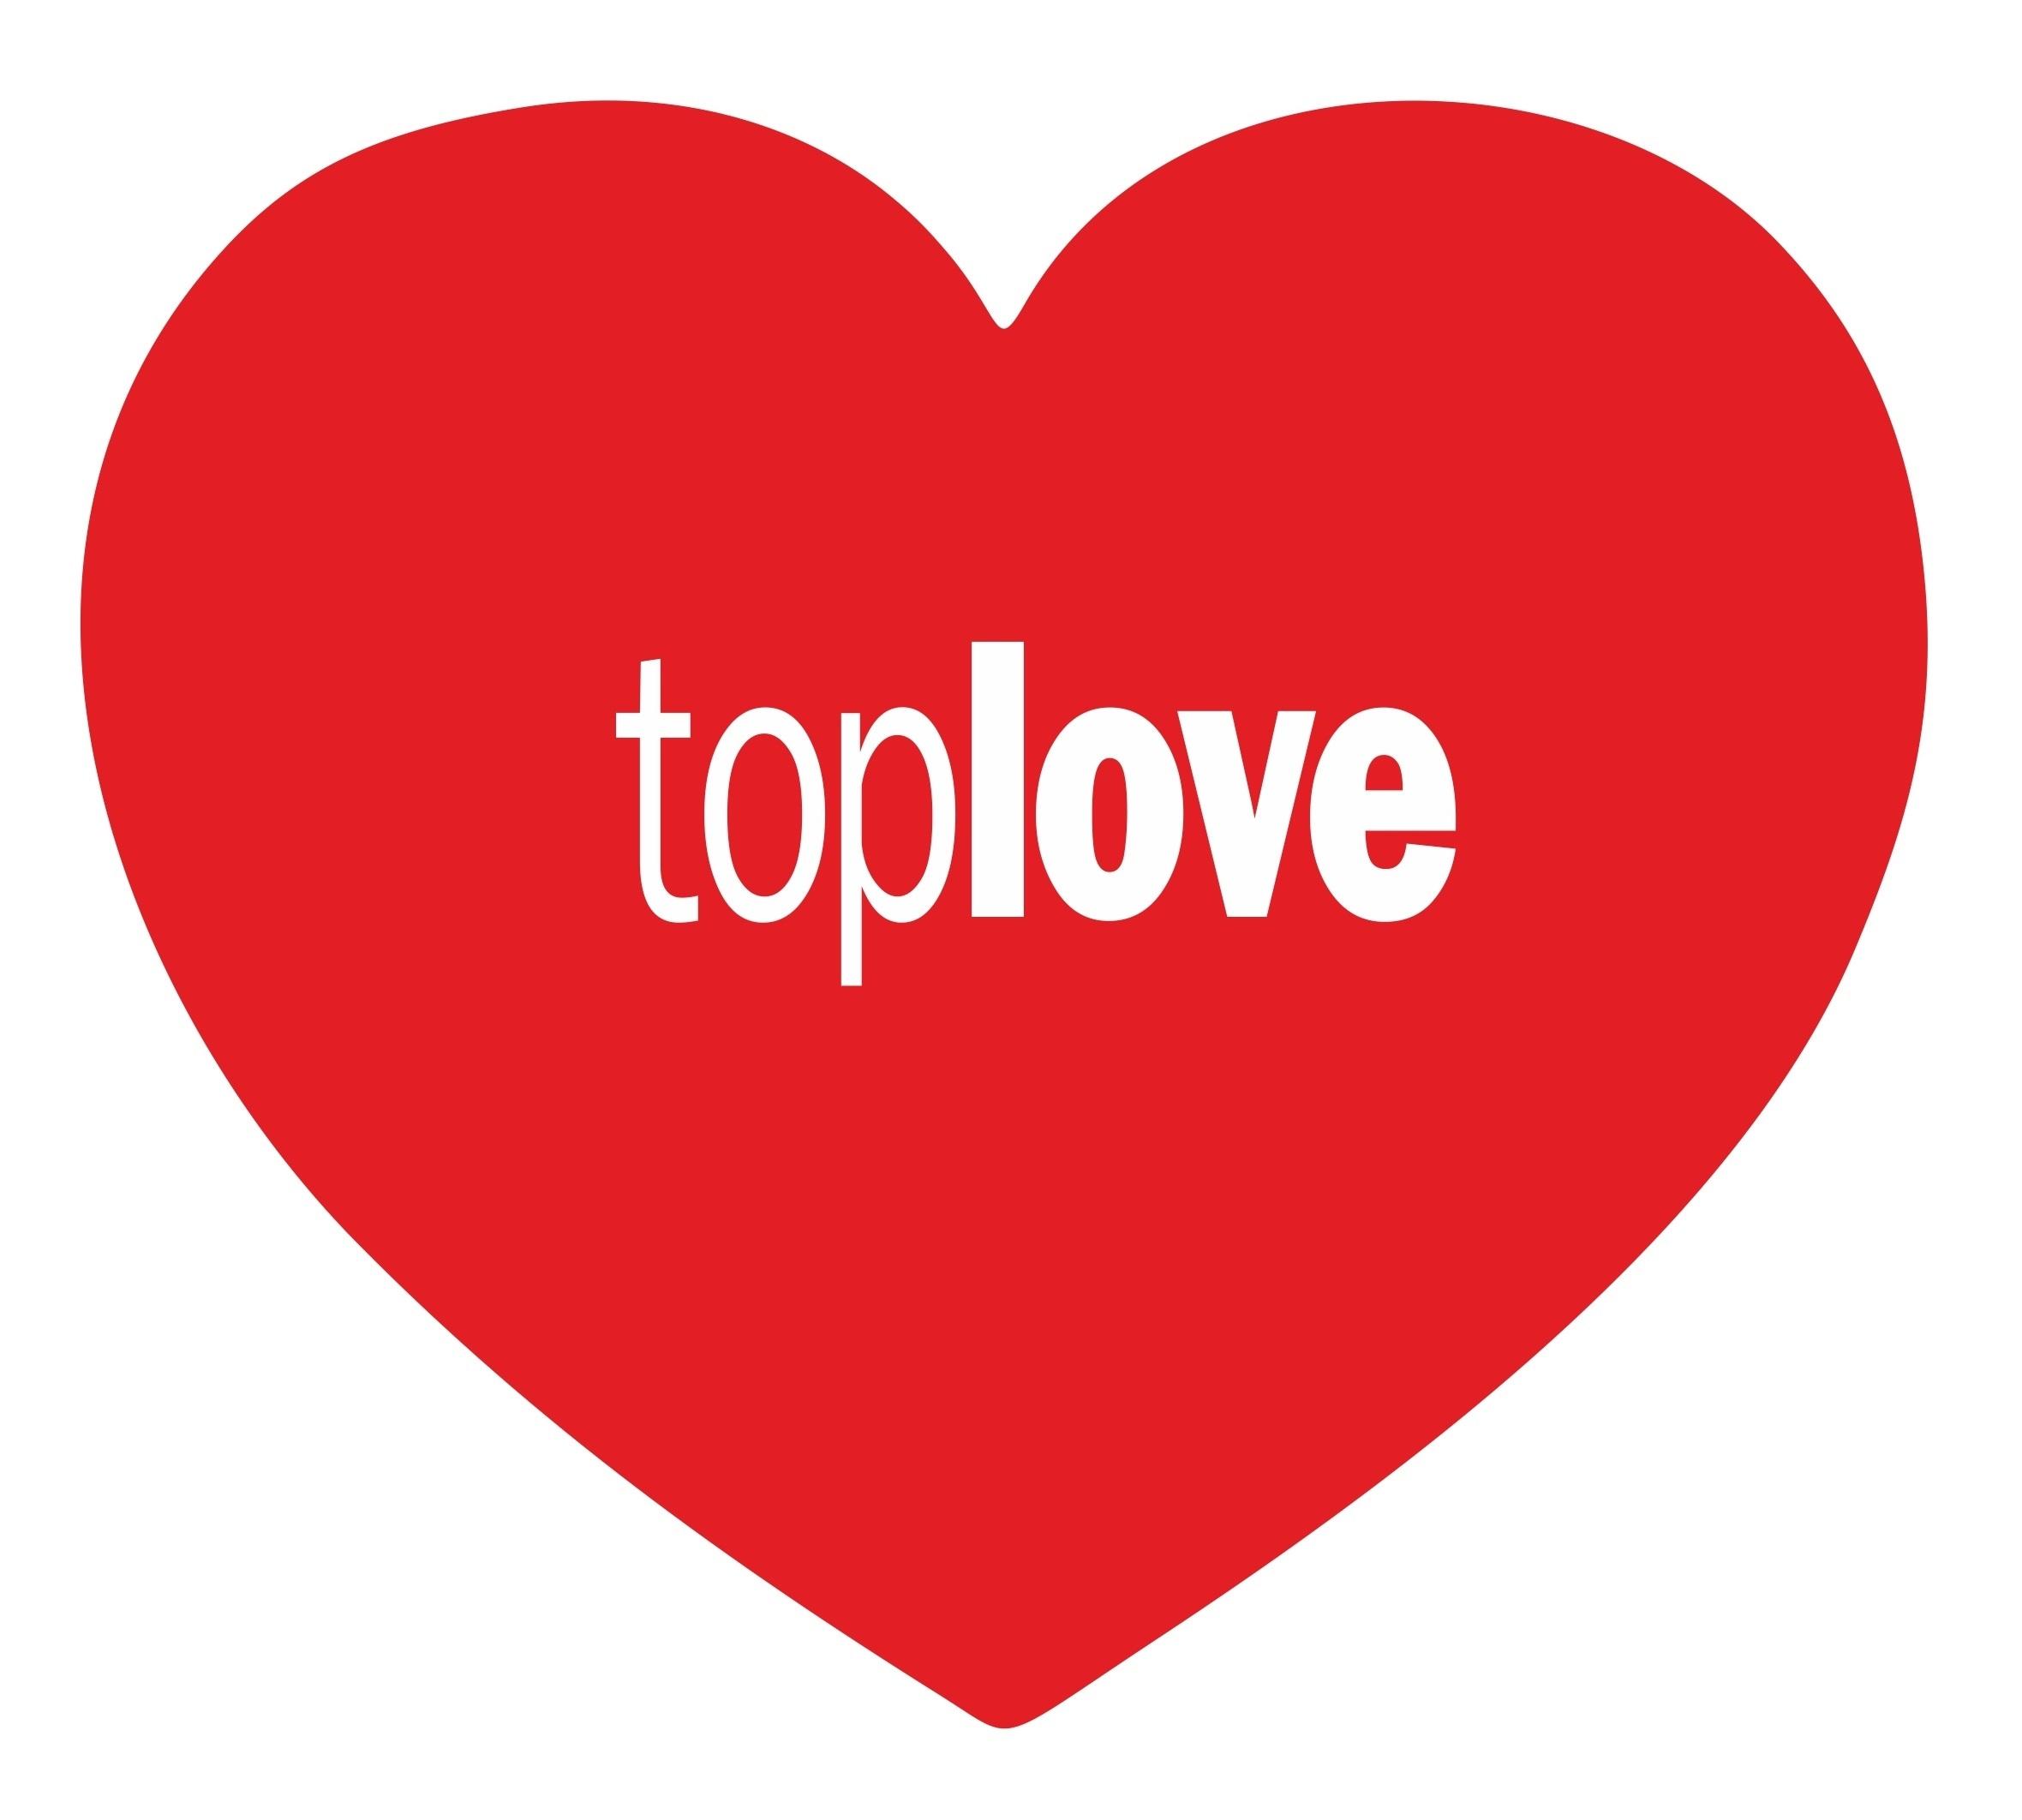 Toplove